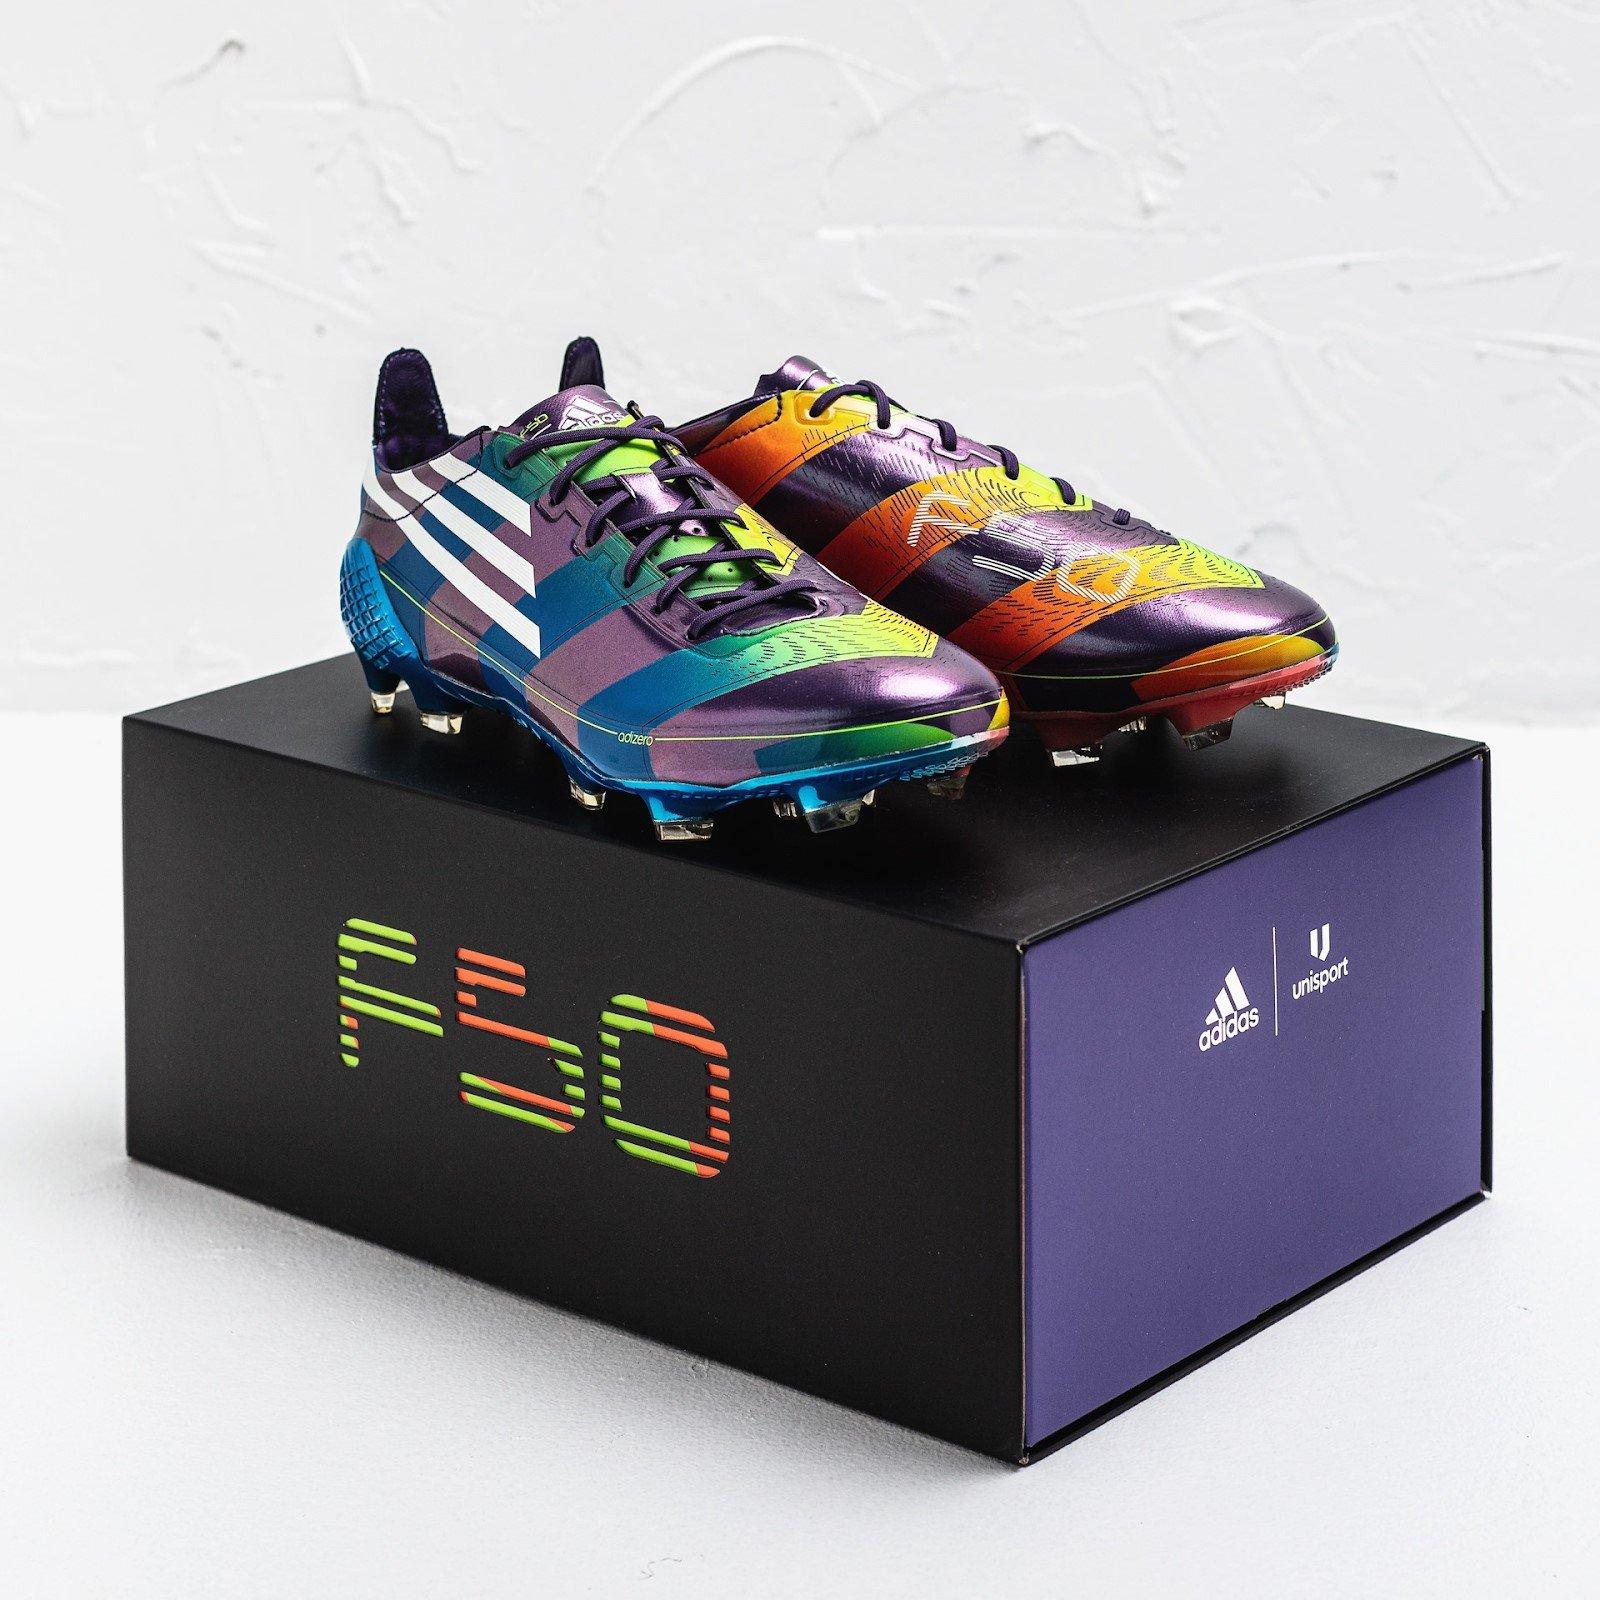 Một số hình ảnh về đôi giày đá bóng adidas F50 Adizero Memory Lane